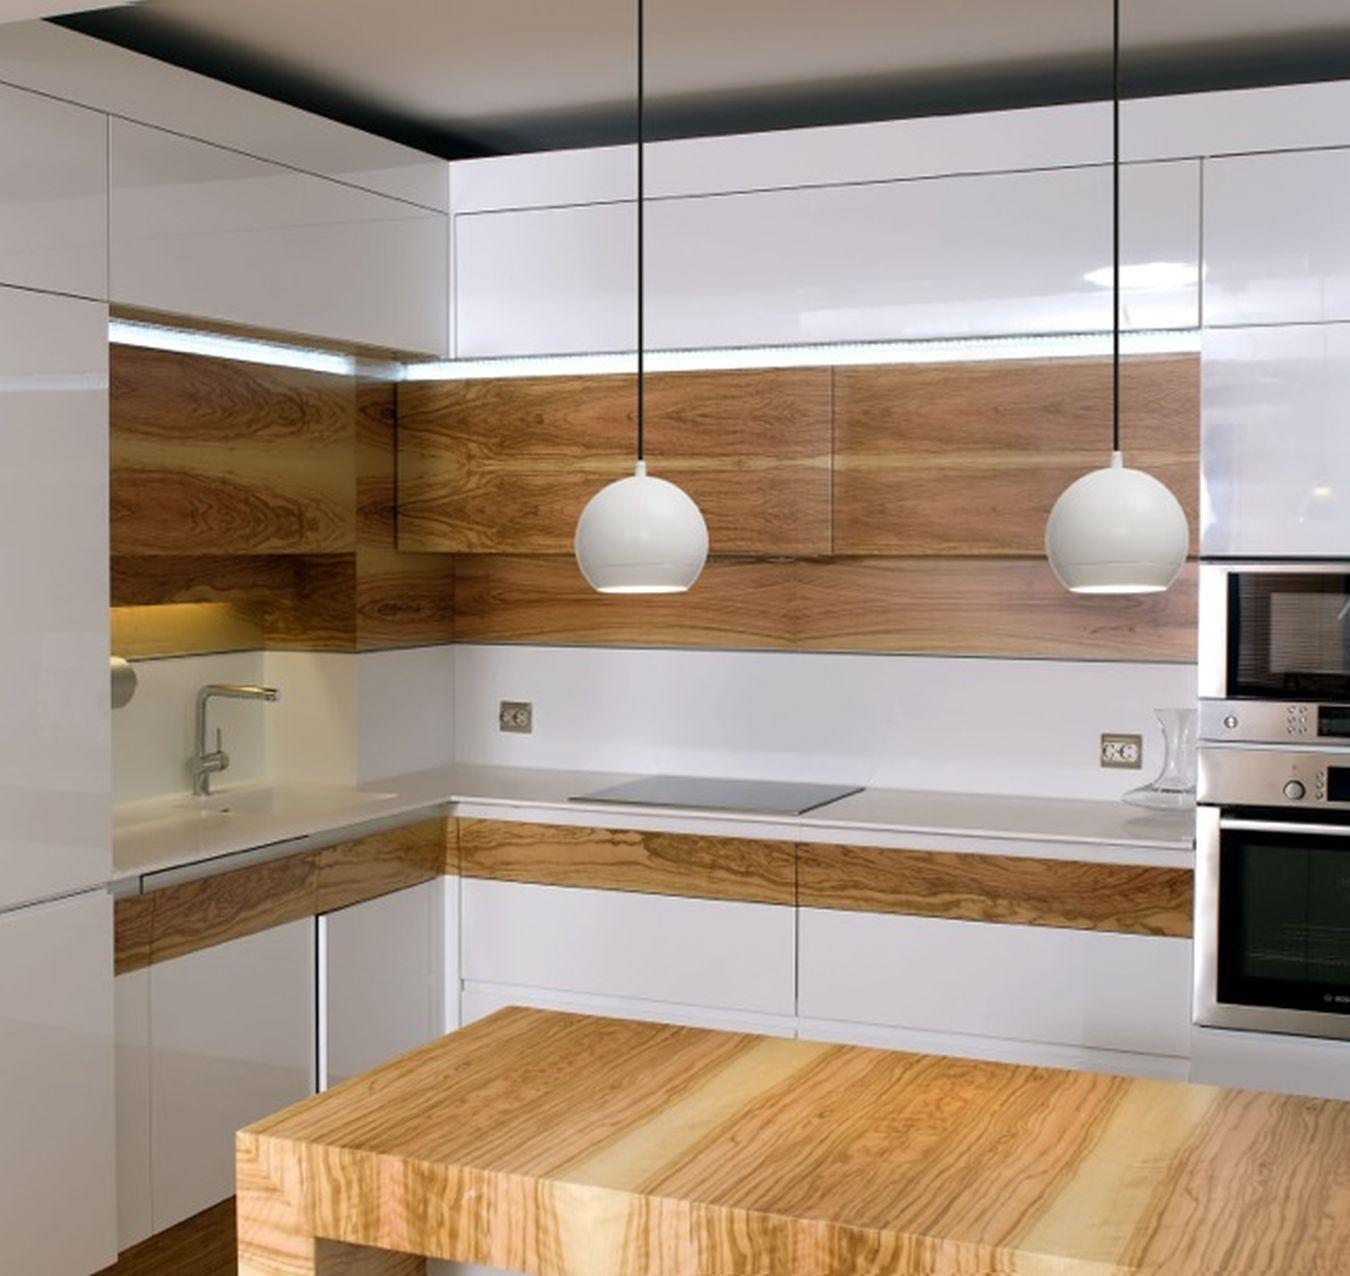 63223-ball-2-lampara-techo-cocina-habitacion-blanca-decorativa ...